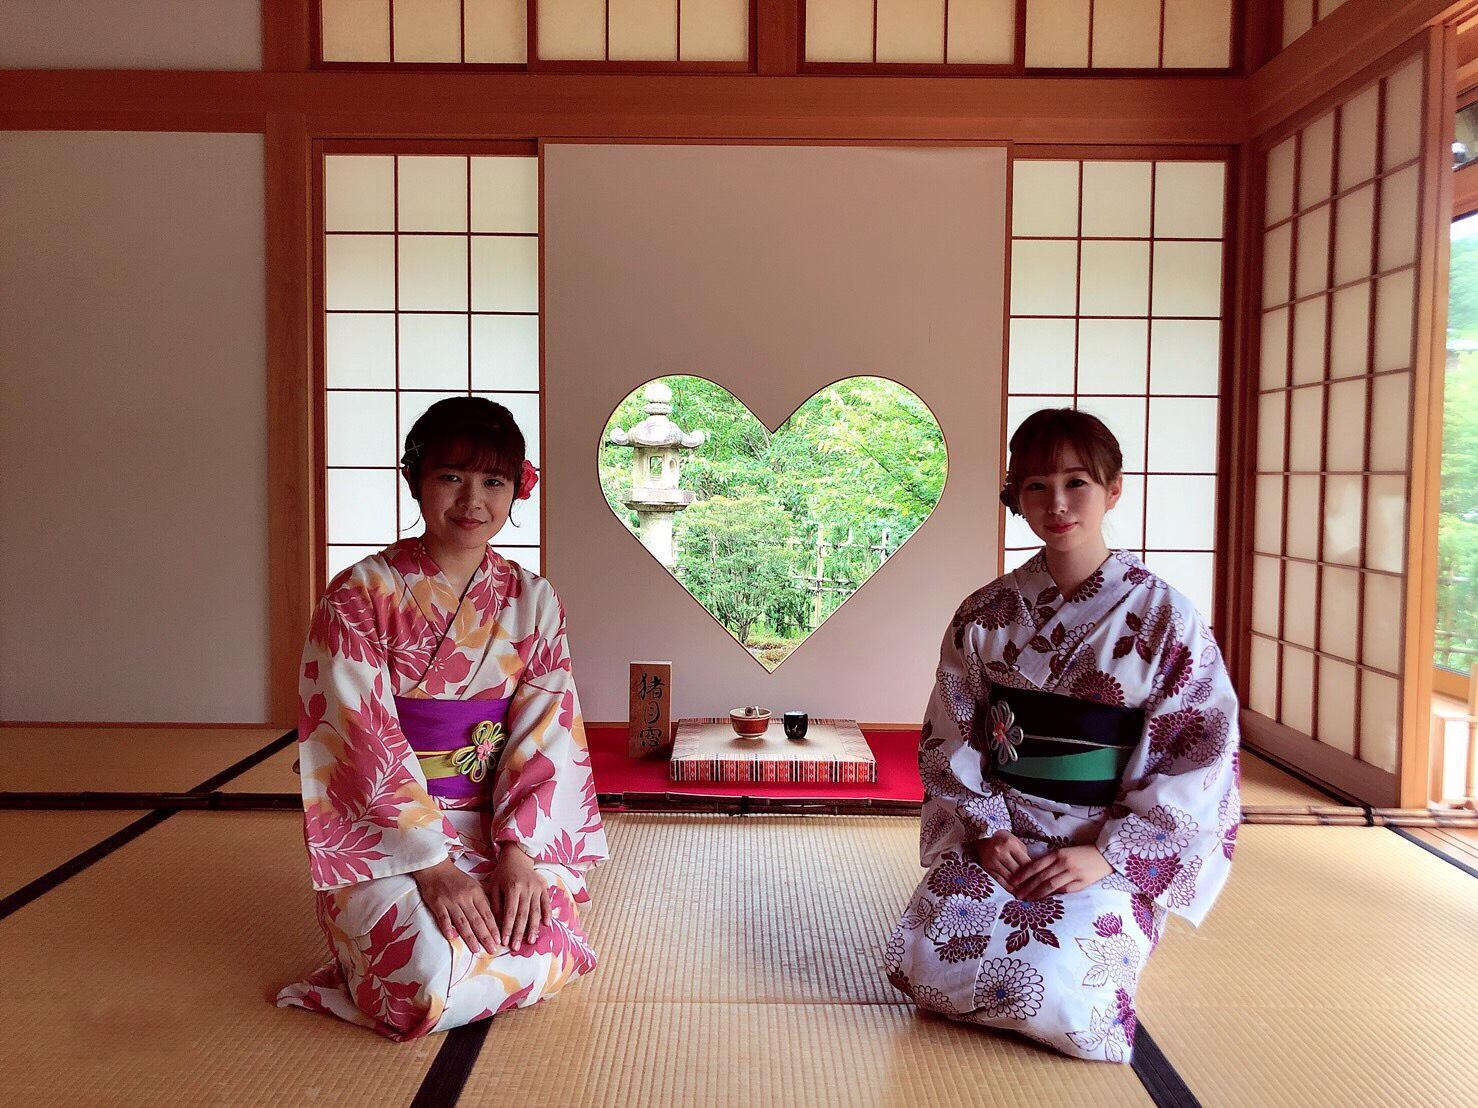 浴衣でハート型窓の正寿院へ2019年9月10日3